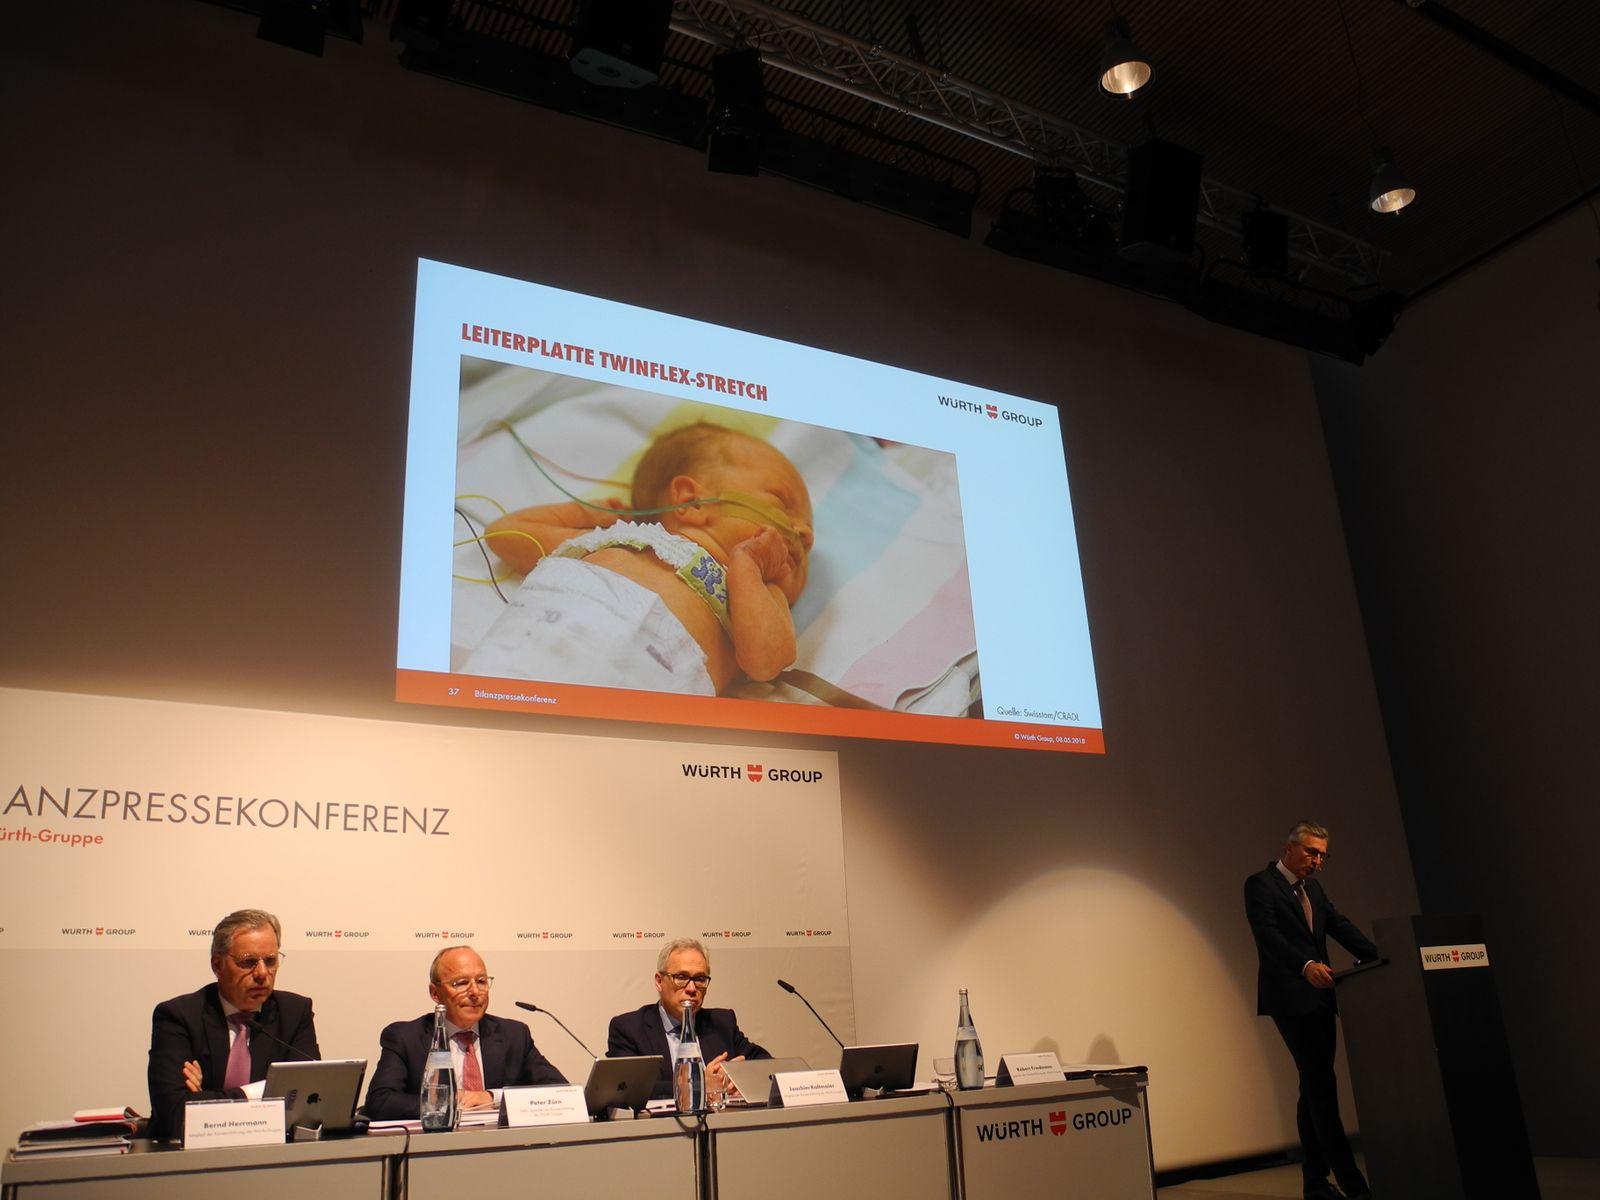 Bilanz-PK Würth / Robert Friedmann